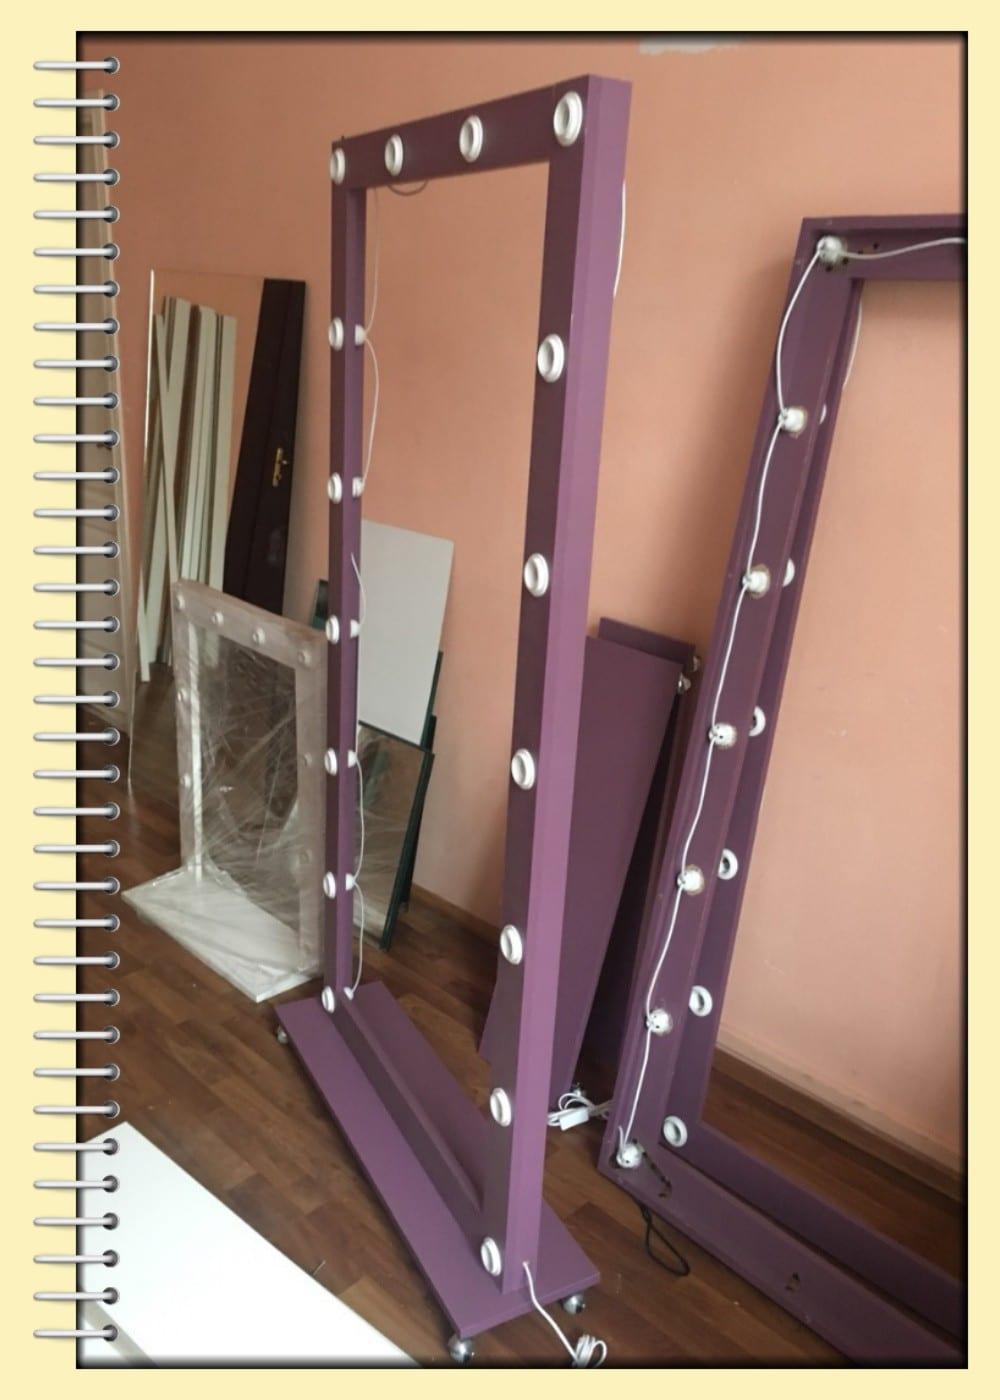 Зеркала с подсветкой лампочками - купить мебель для мастеров красоты и салонов в Киеве